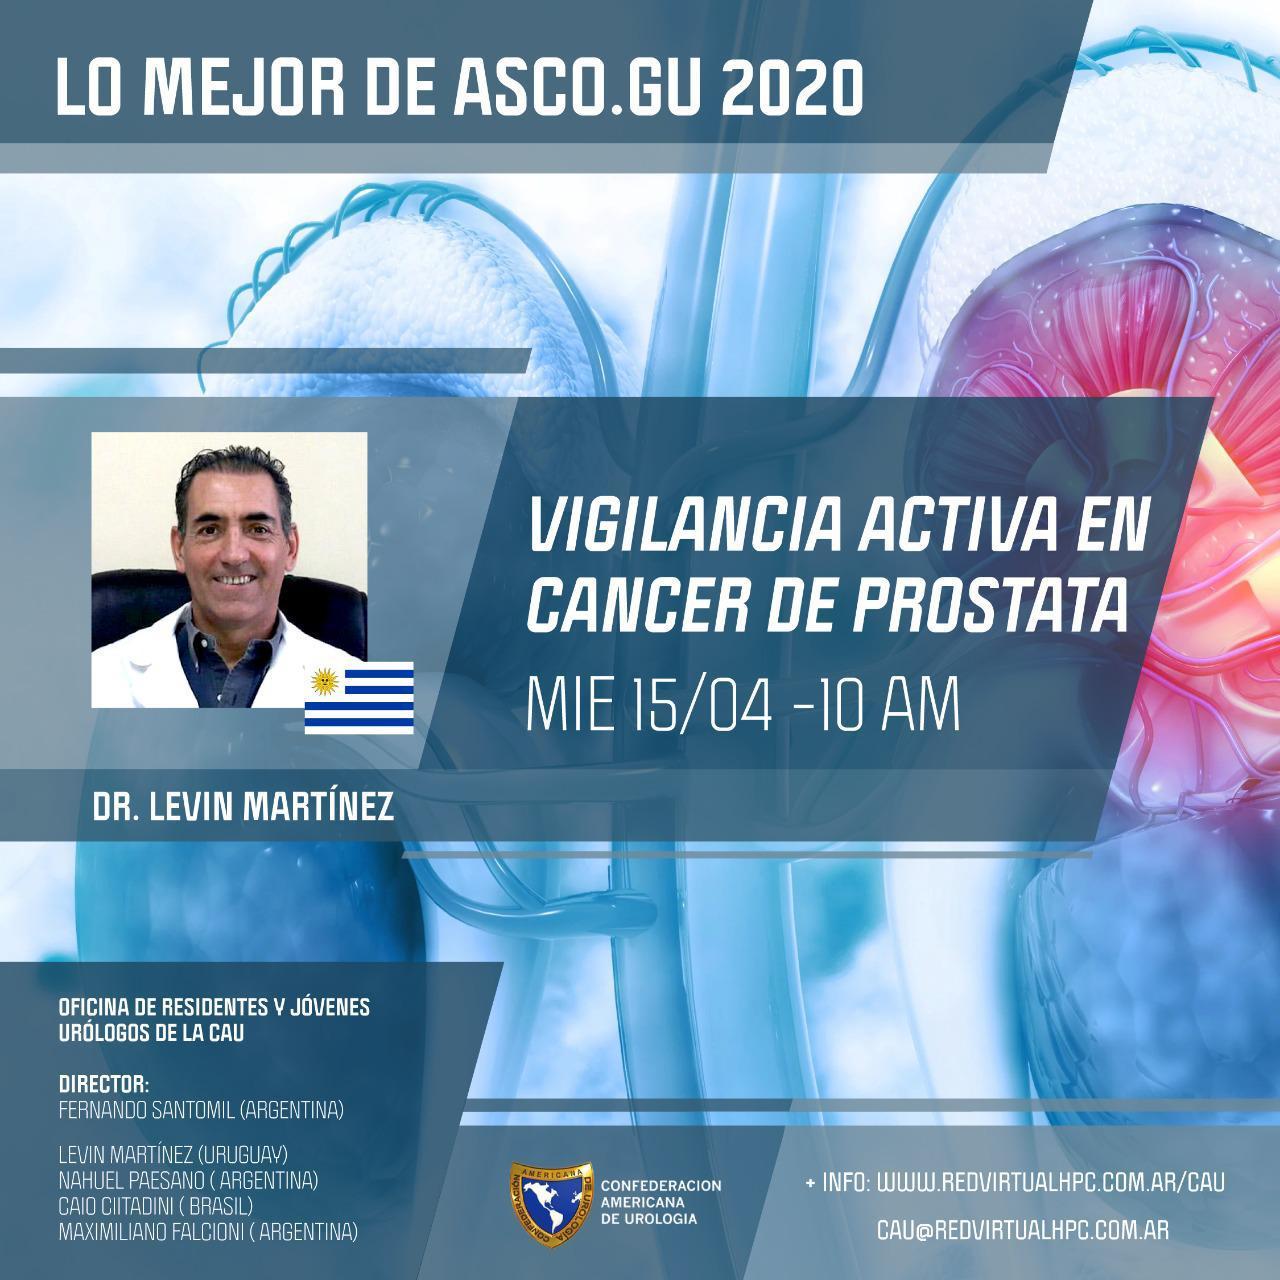 Vigilancia activa en cáncer de próstata